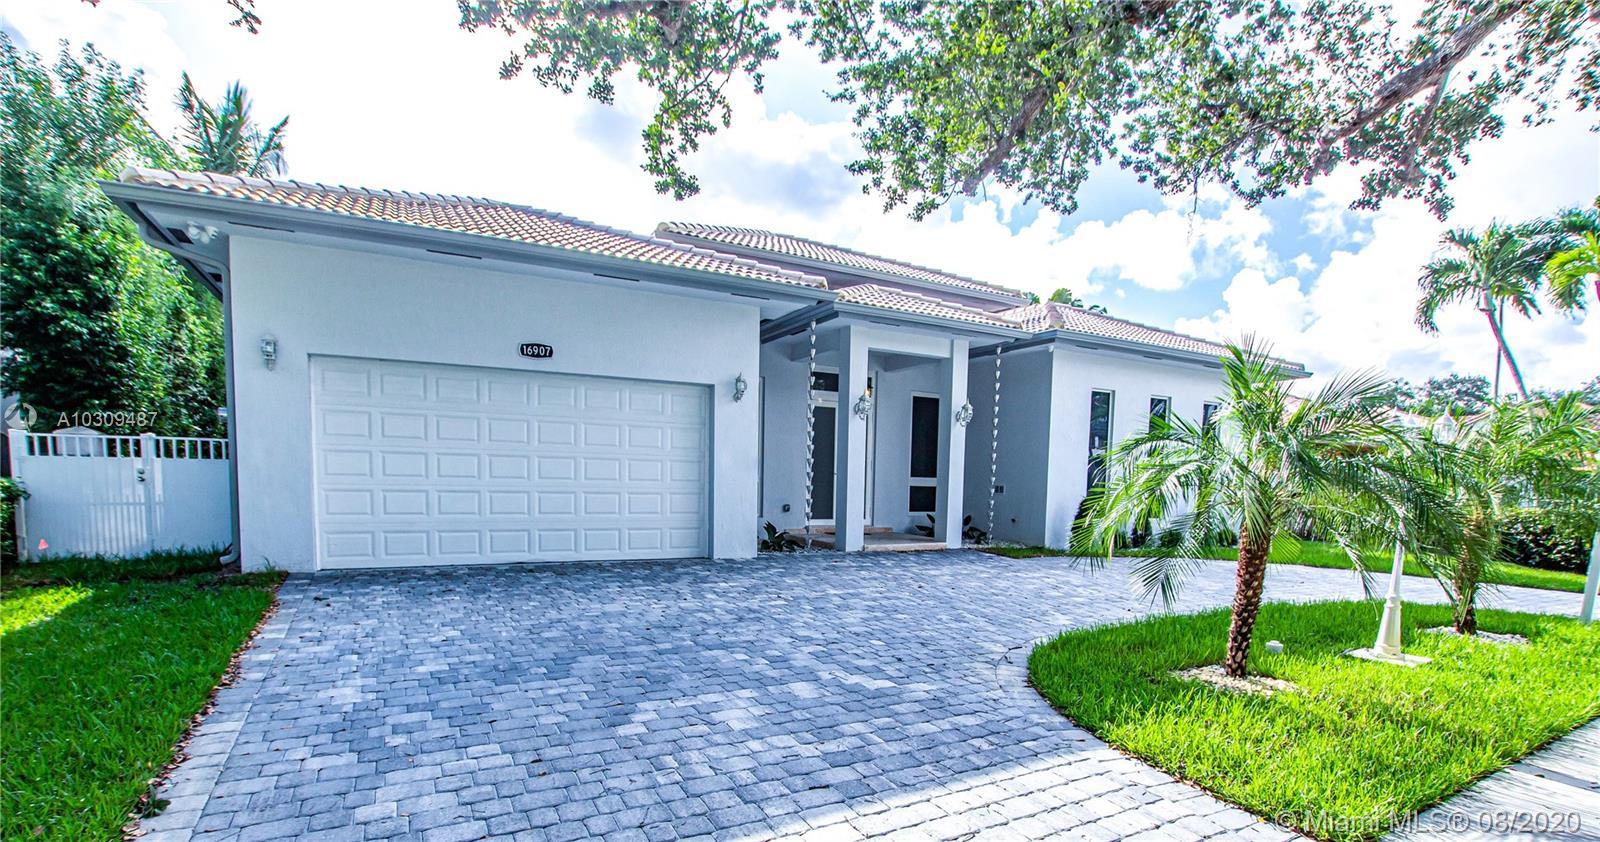 16907 NW 83rd Pl, Miami Lakes, Florida image 2